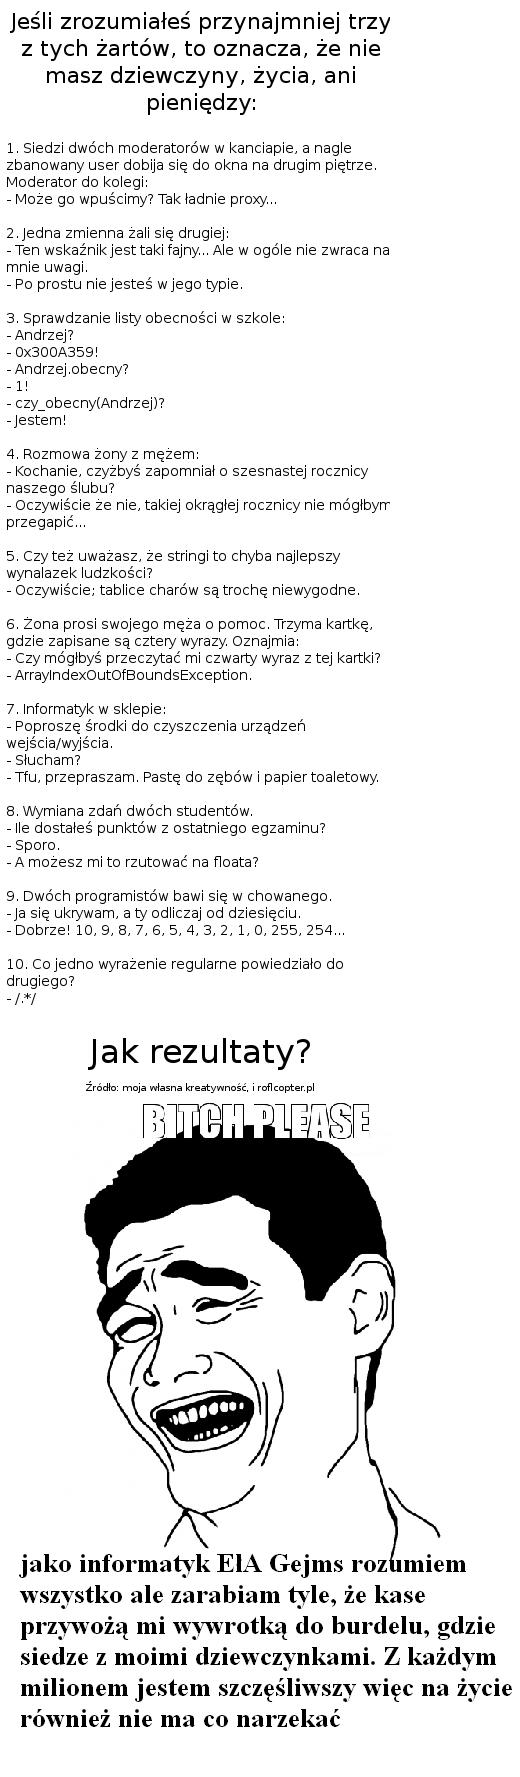 bujaaa ! :D